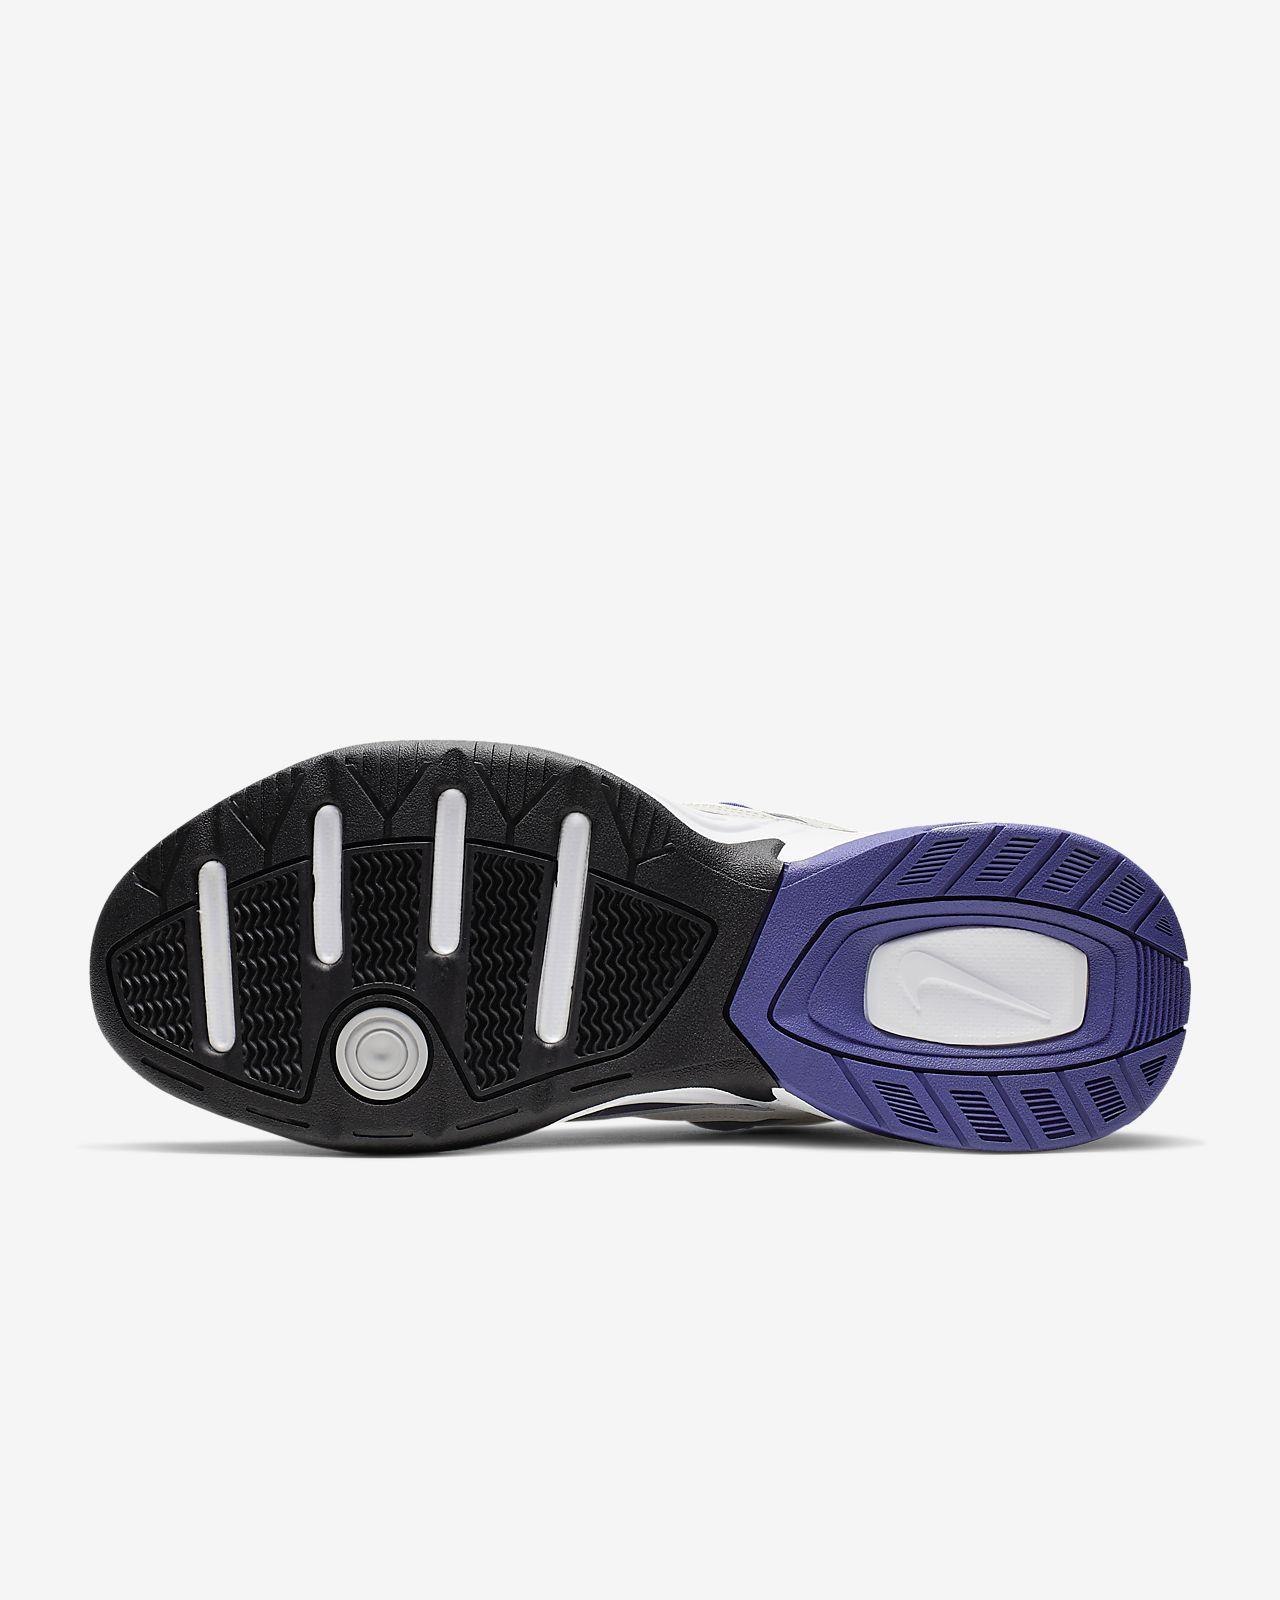 release date 6593b e4b82 ... Nike M2K Tekno Men s Shoe